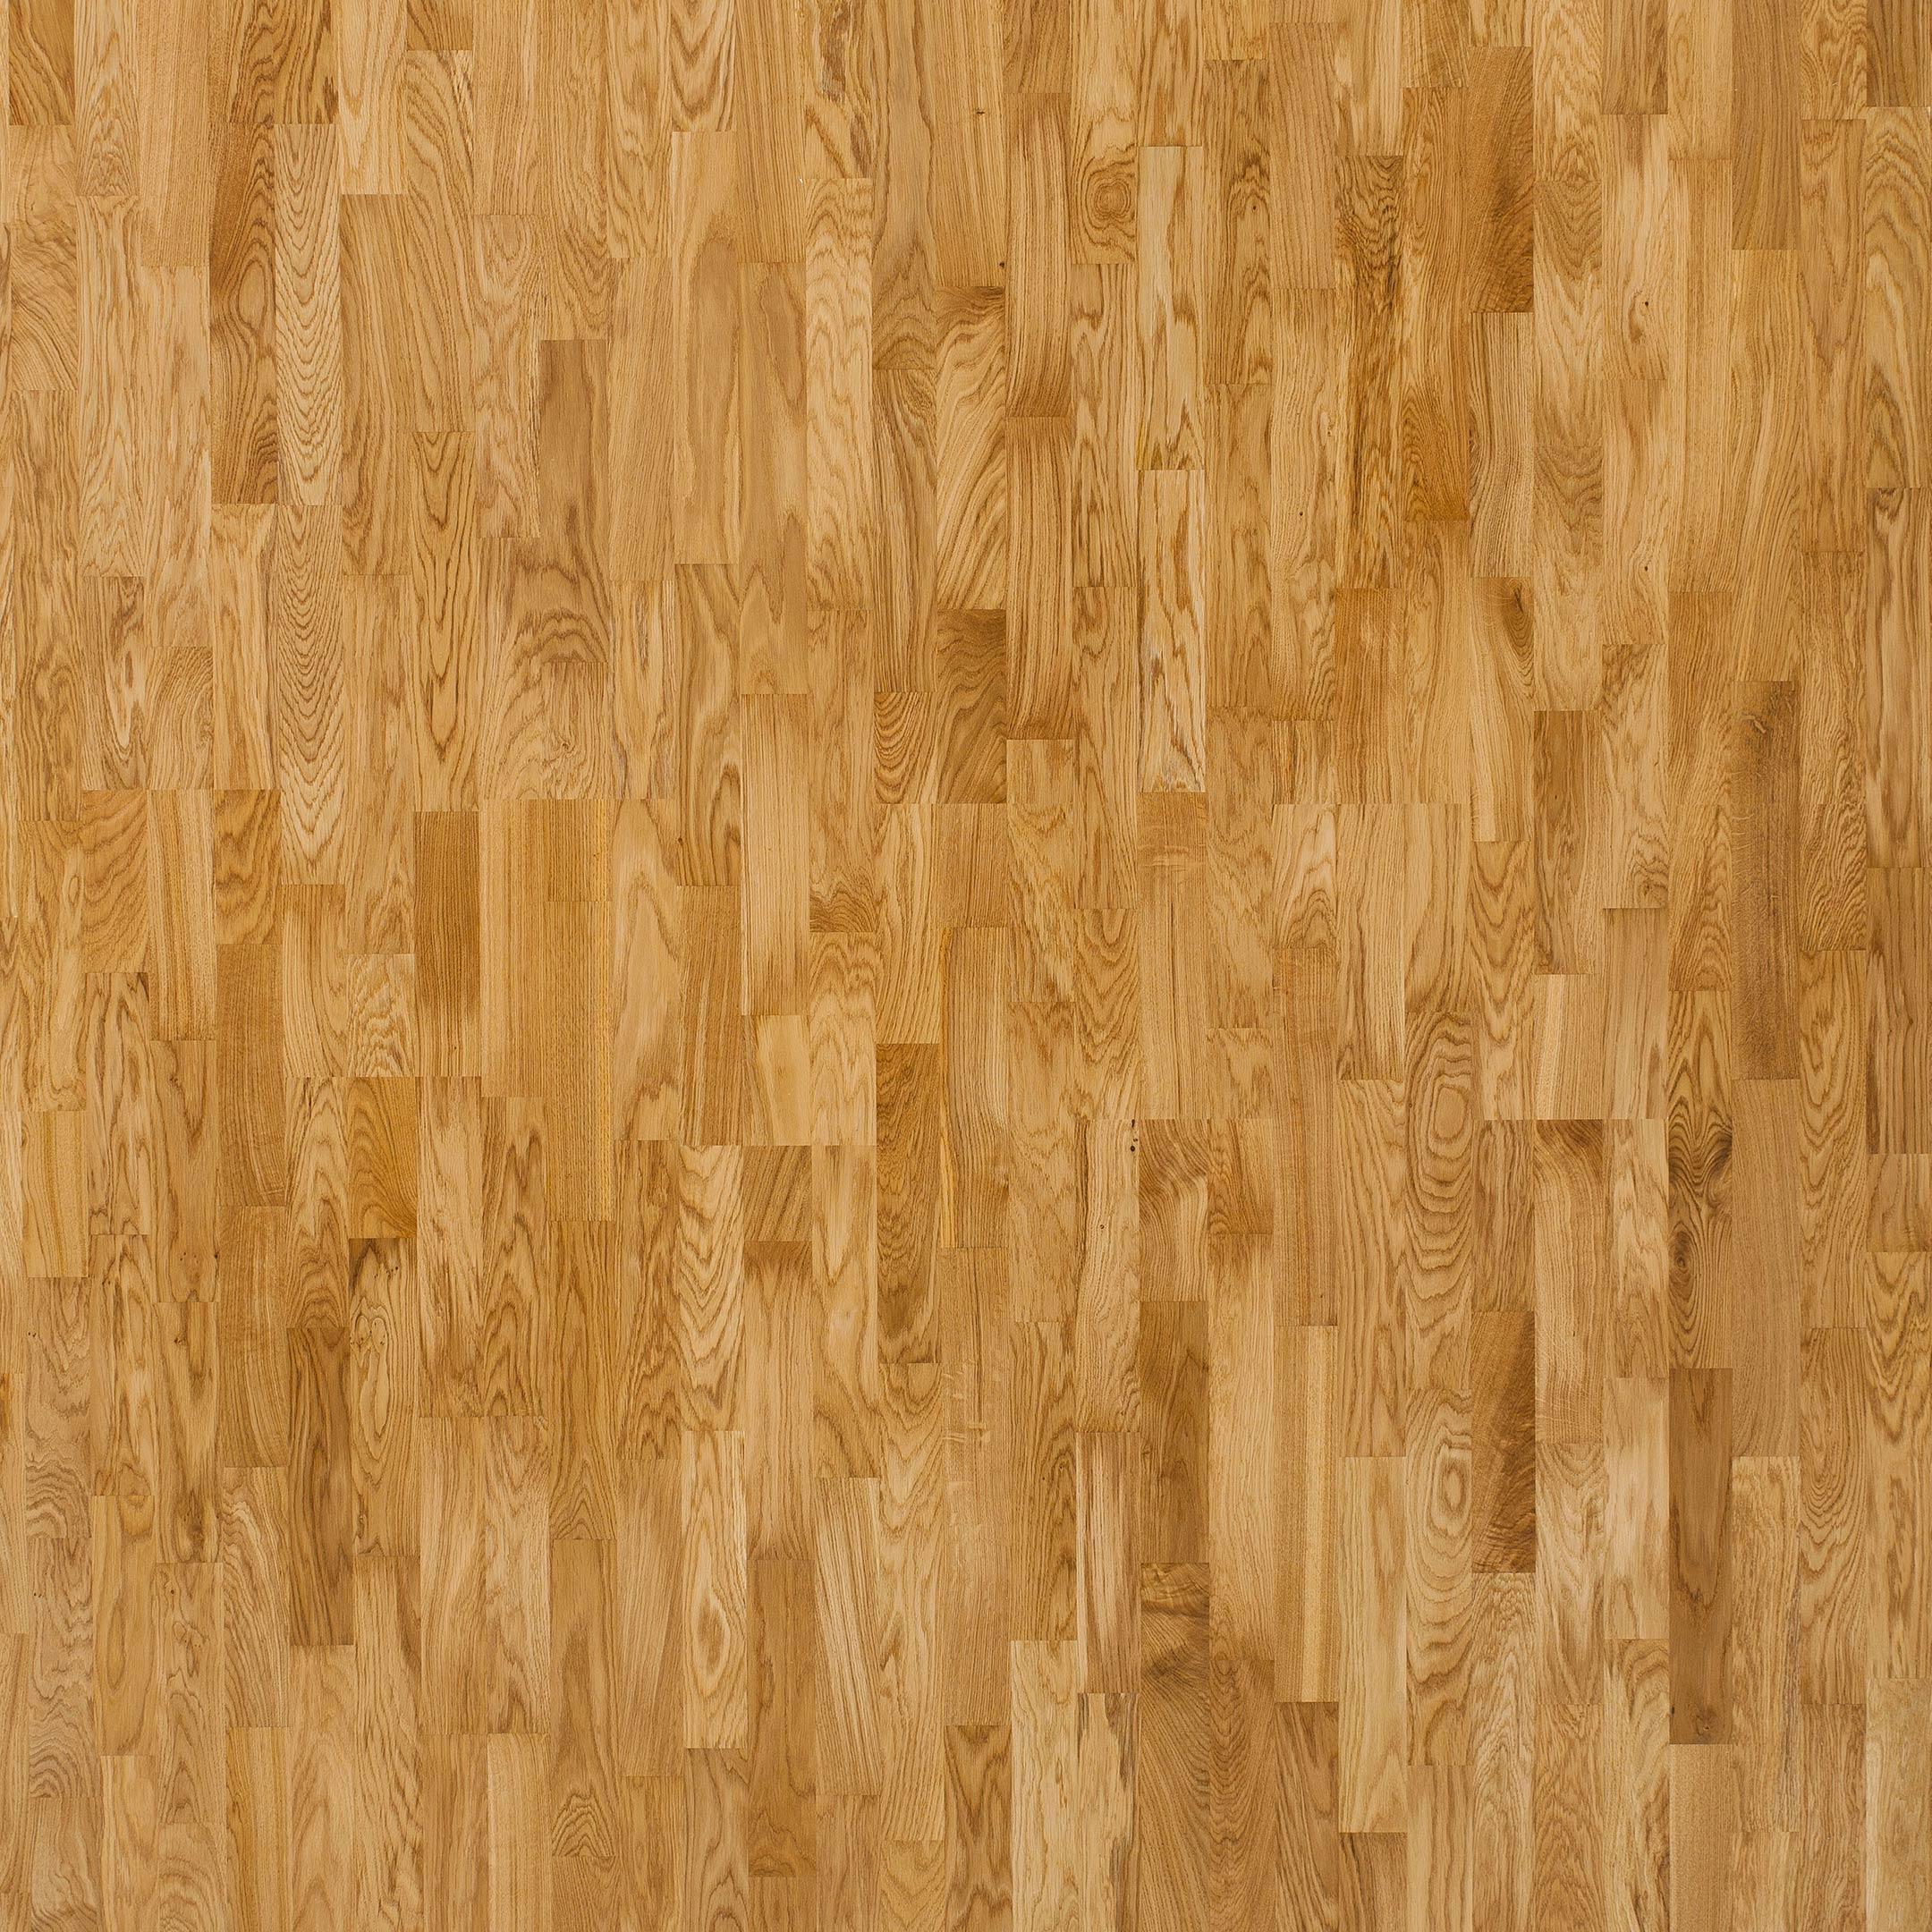 Паркетная доска Polarwood дуб кабаре 14 мм трехполосная стоимость